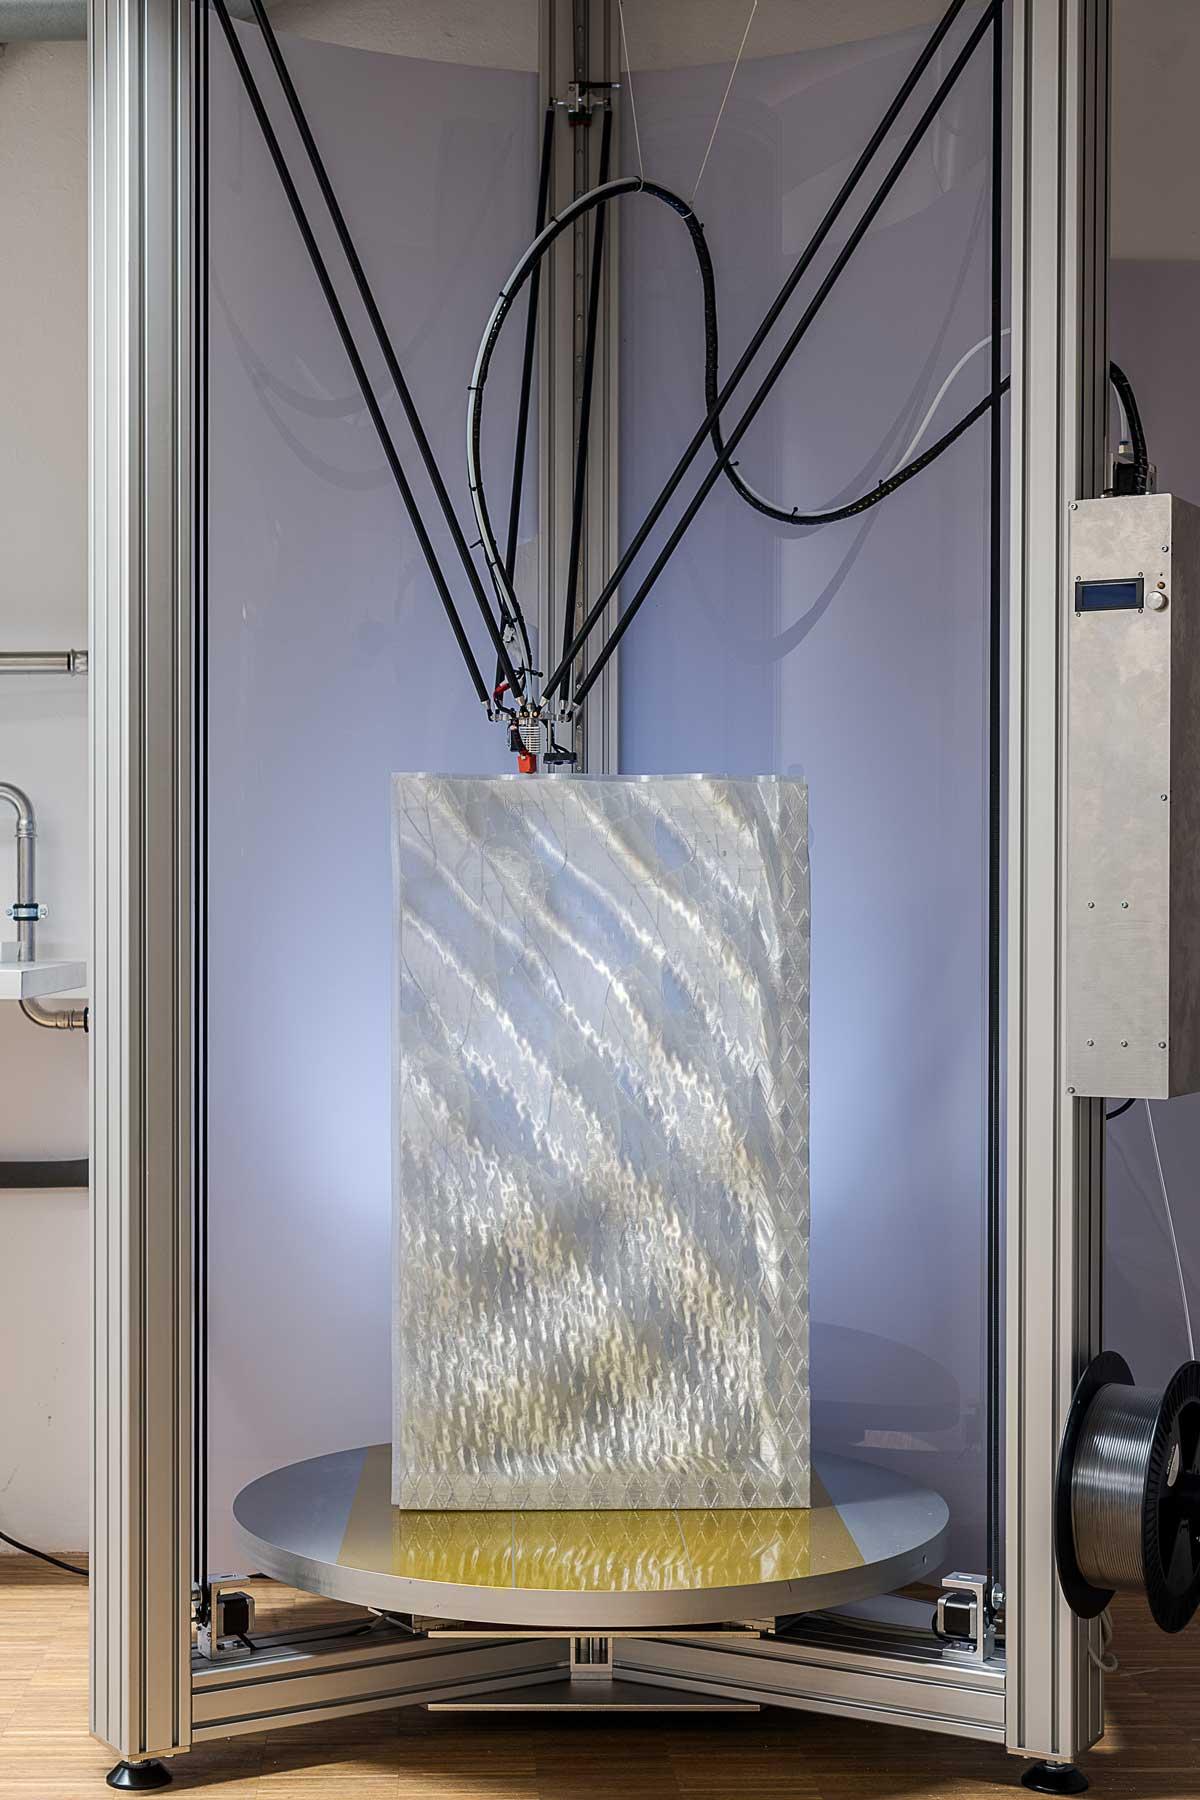 3D printed façade